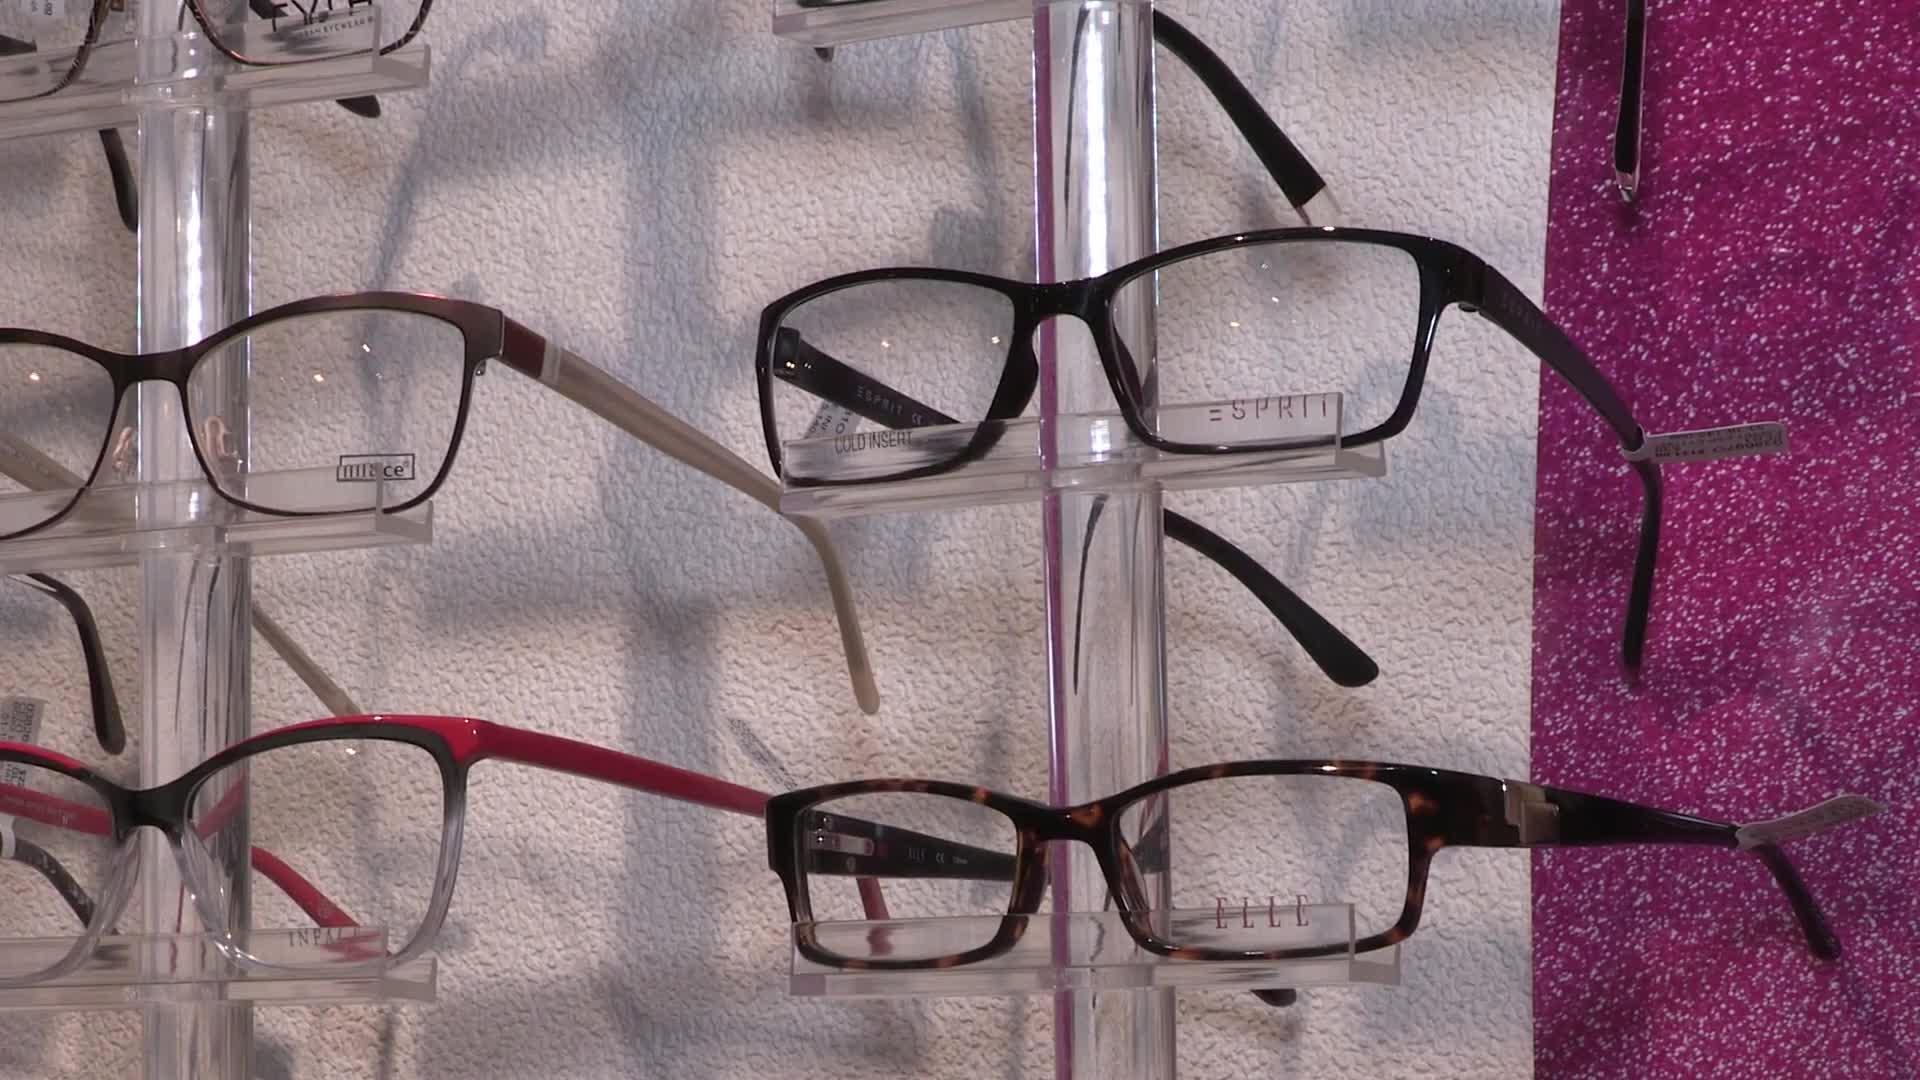 Dr Robert Orr & Dr Patrick Brodie - Eyeglasses & Eyewear - 519-941-3770